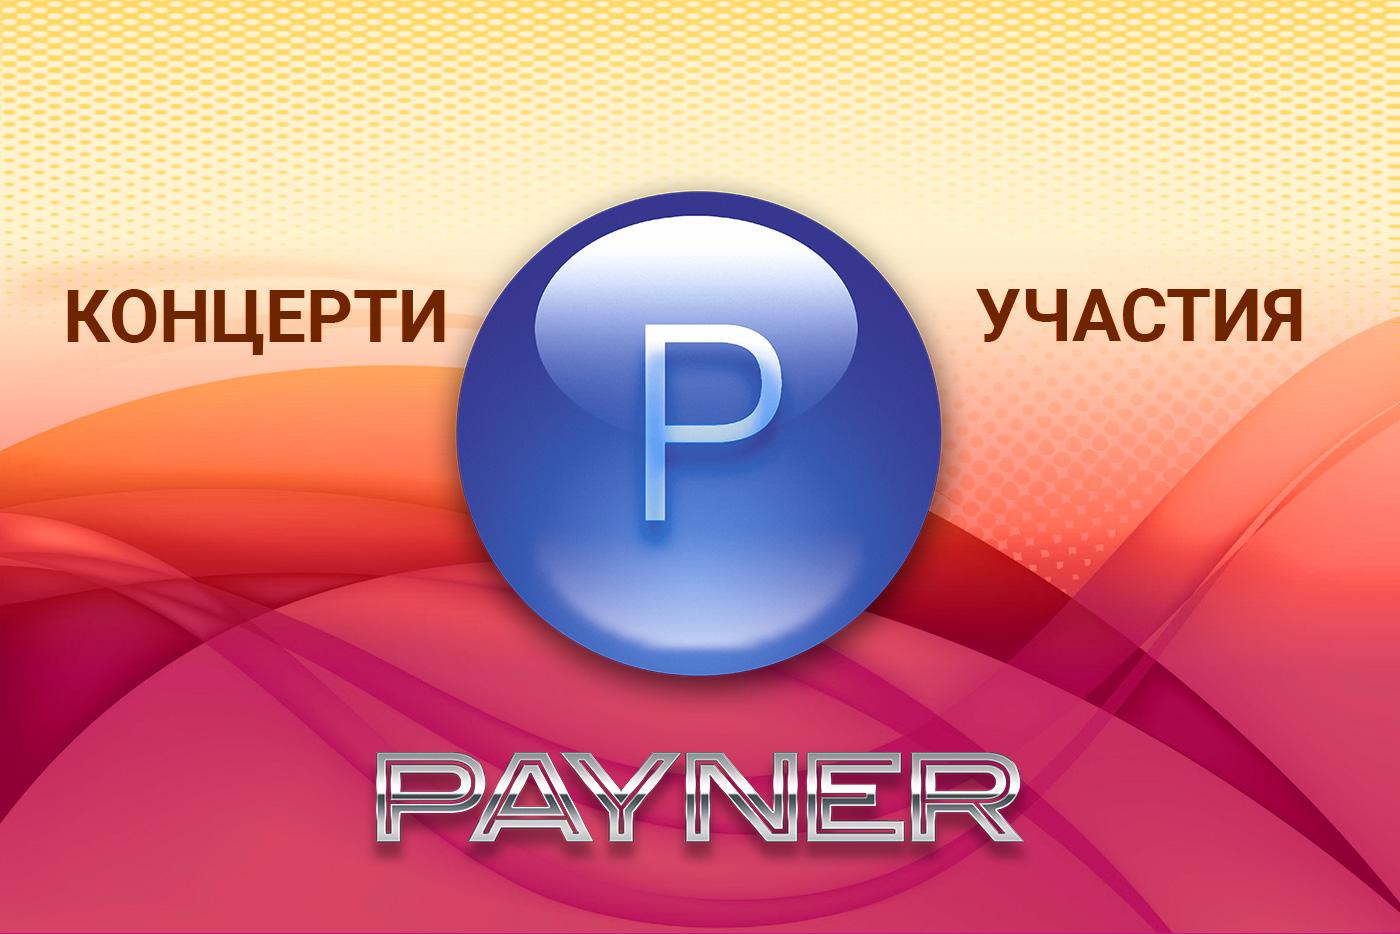 """Участия на звездите на """"Пайнер"""" на 24.08.2019"""